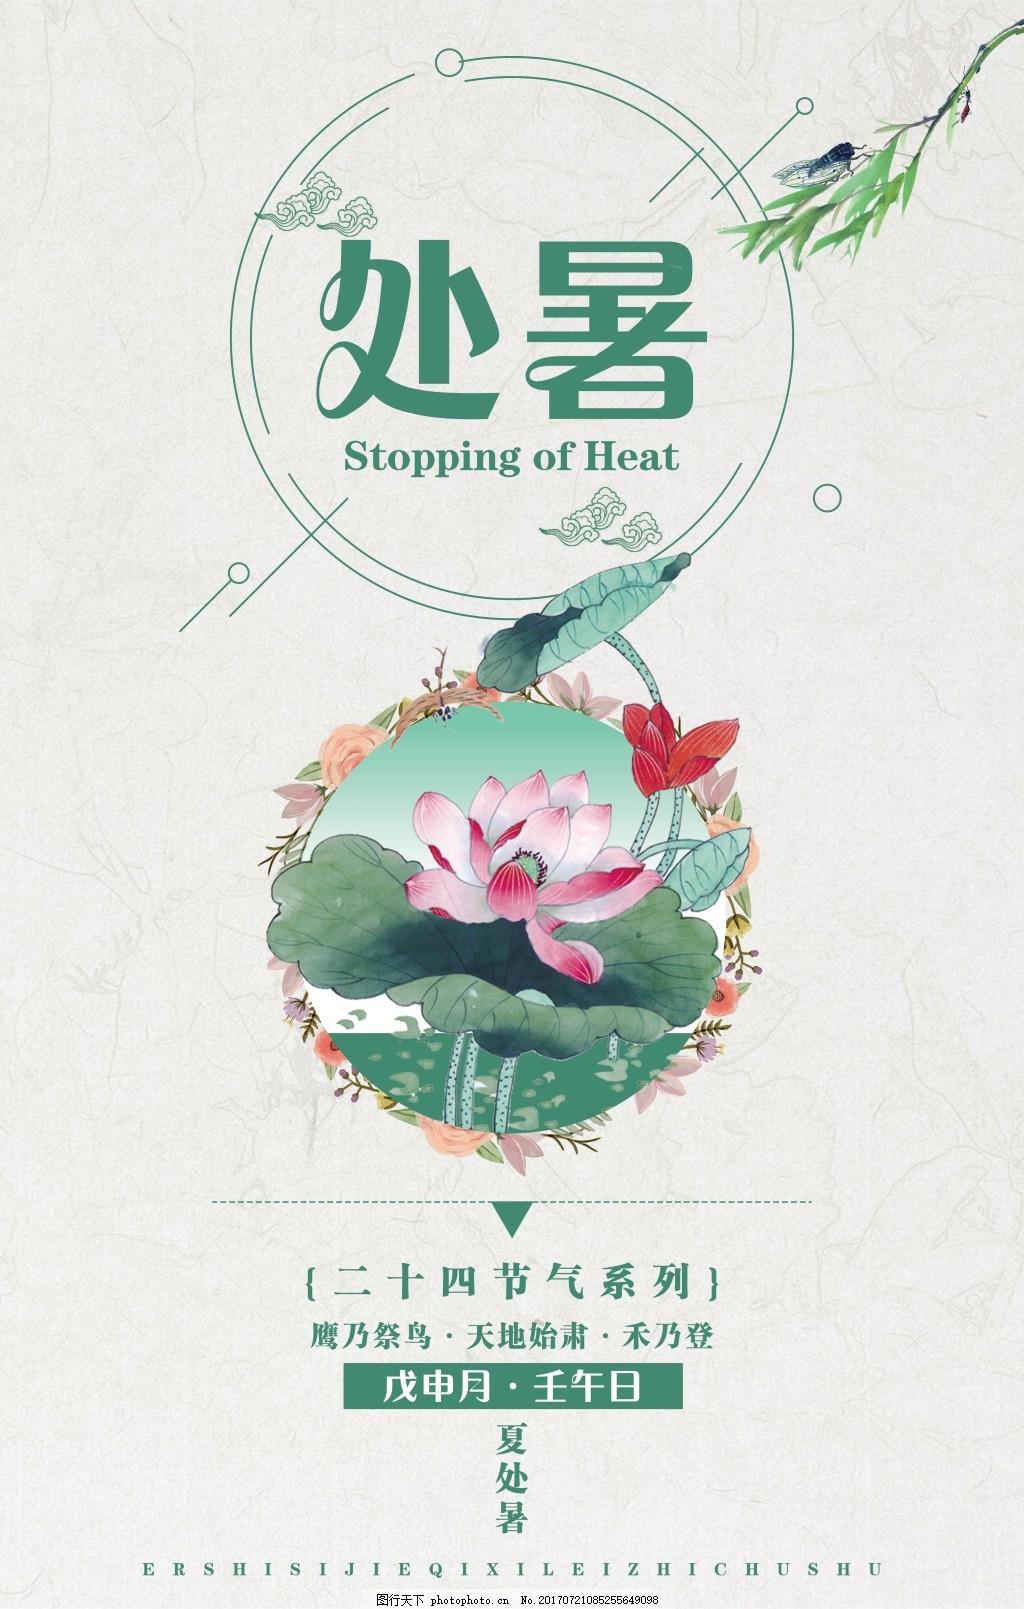 二十四节气-处暑海报设计